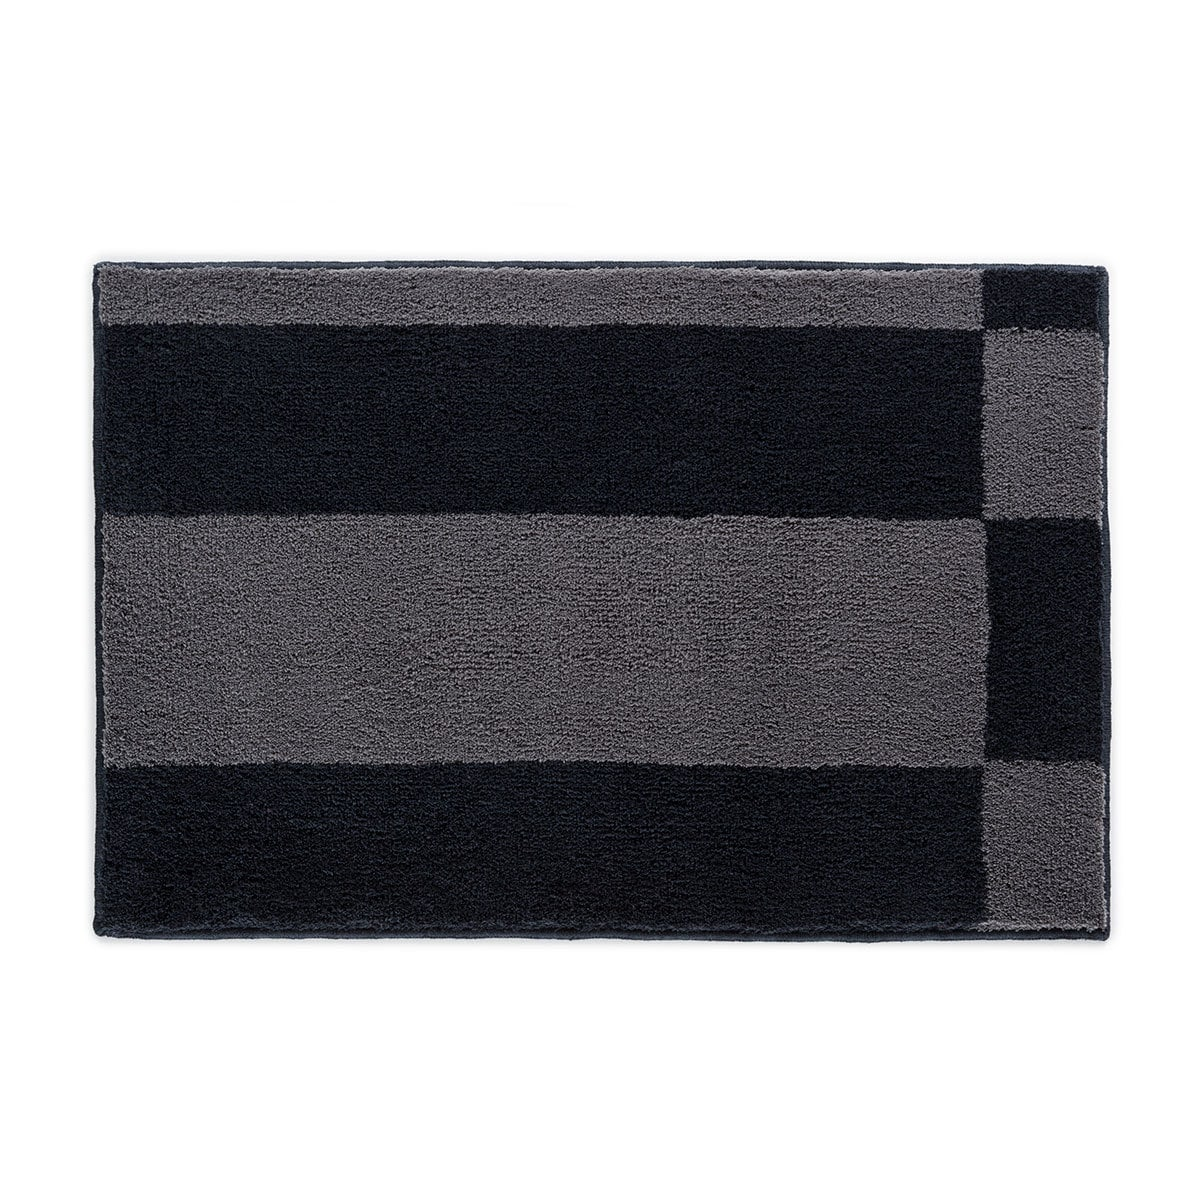 joop badteppich new cube anthrazit g nstig online kaufen bei bettwaren shop. Black Bedroom Furniture Sets. Home Design Ideas